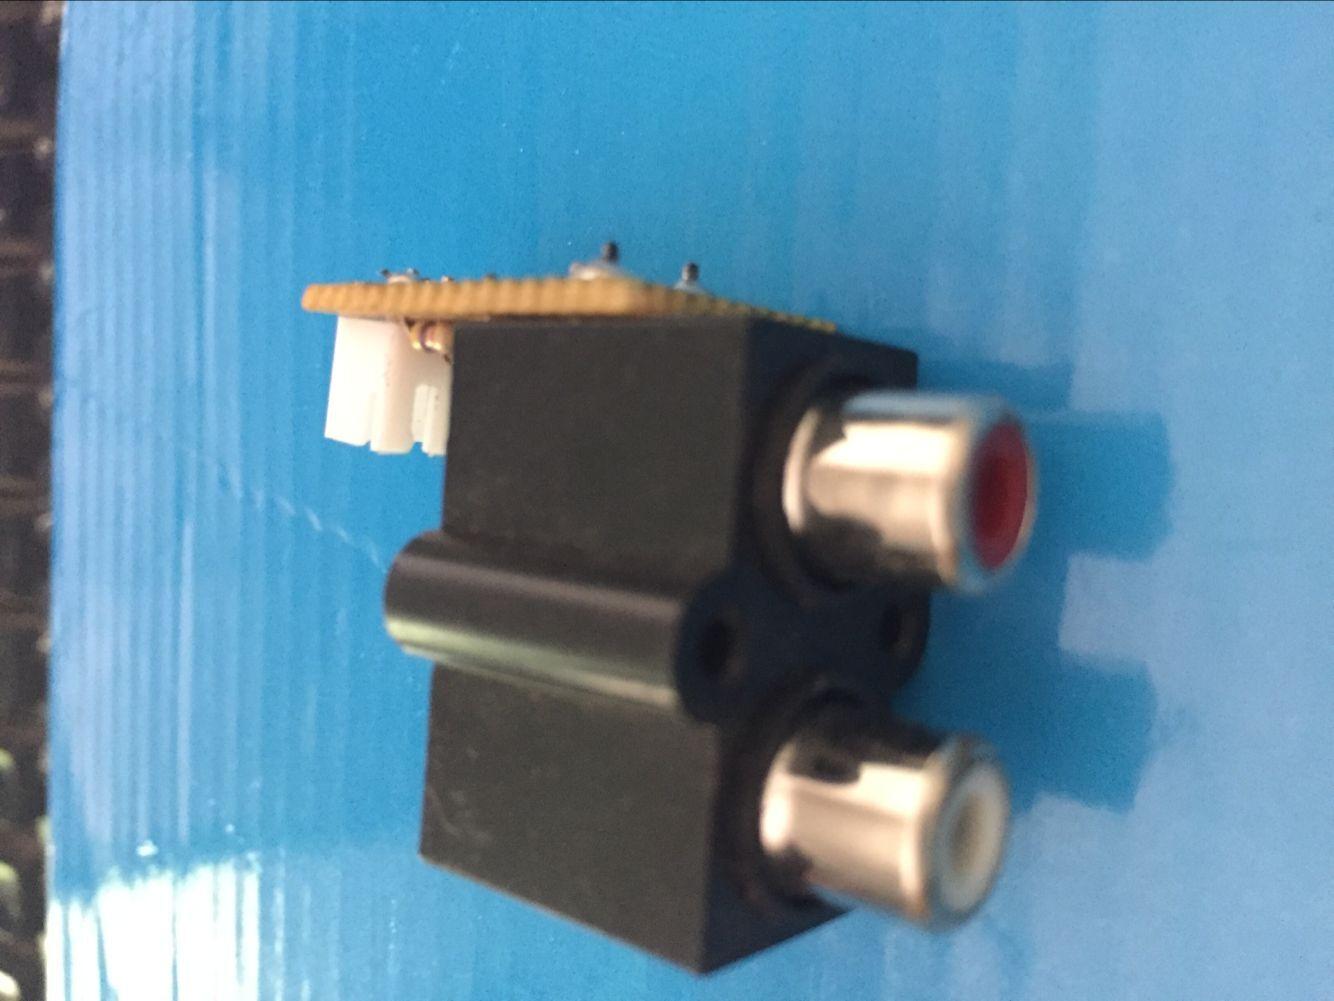 Звук монтаж 2 отверстие лотос сиденье звуковая частота экспорт вводить интерфейс AV сварной шов хорошо плат не торговаться бесплатная доставка